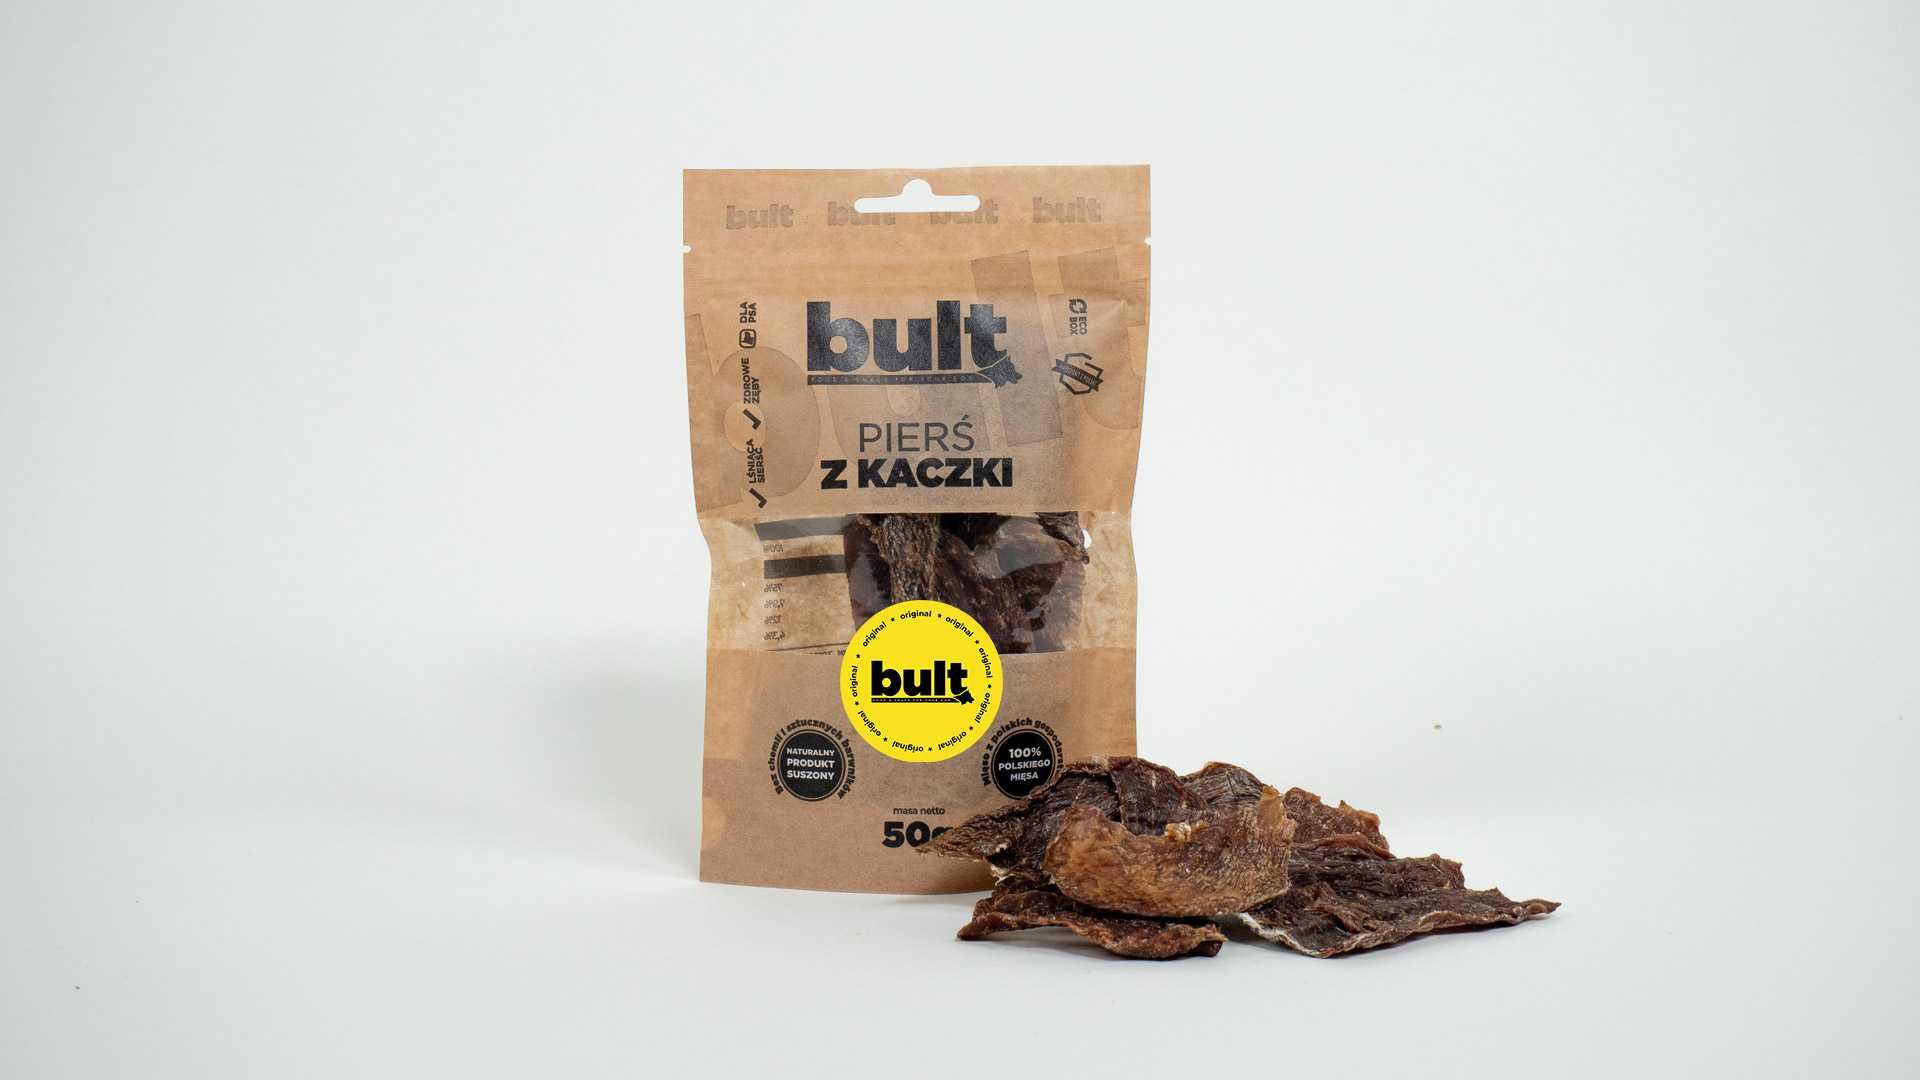 ekologiczne przysmaki dla psa bult kacza piers